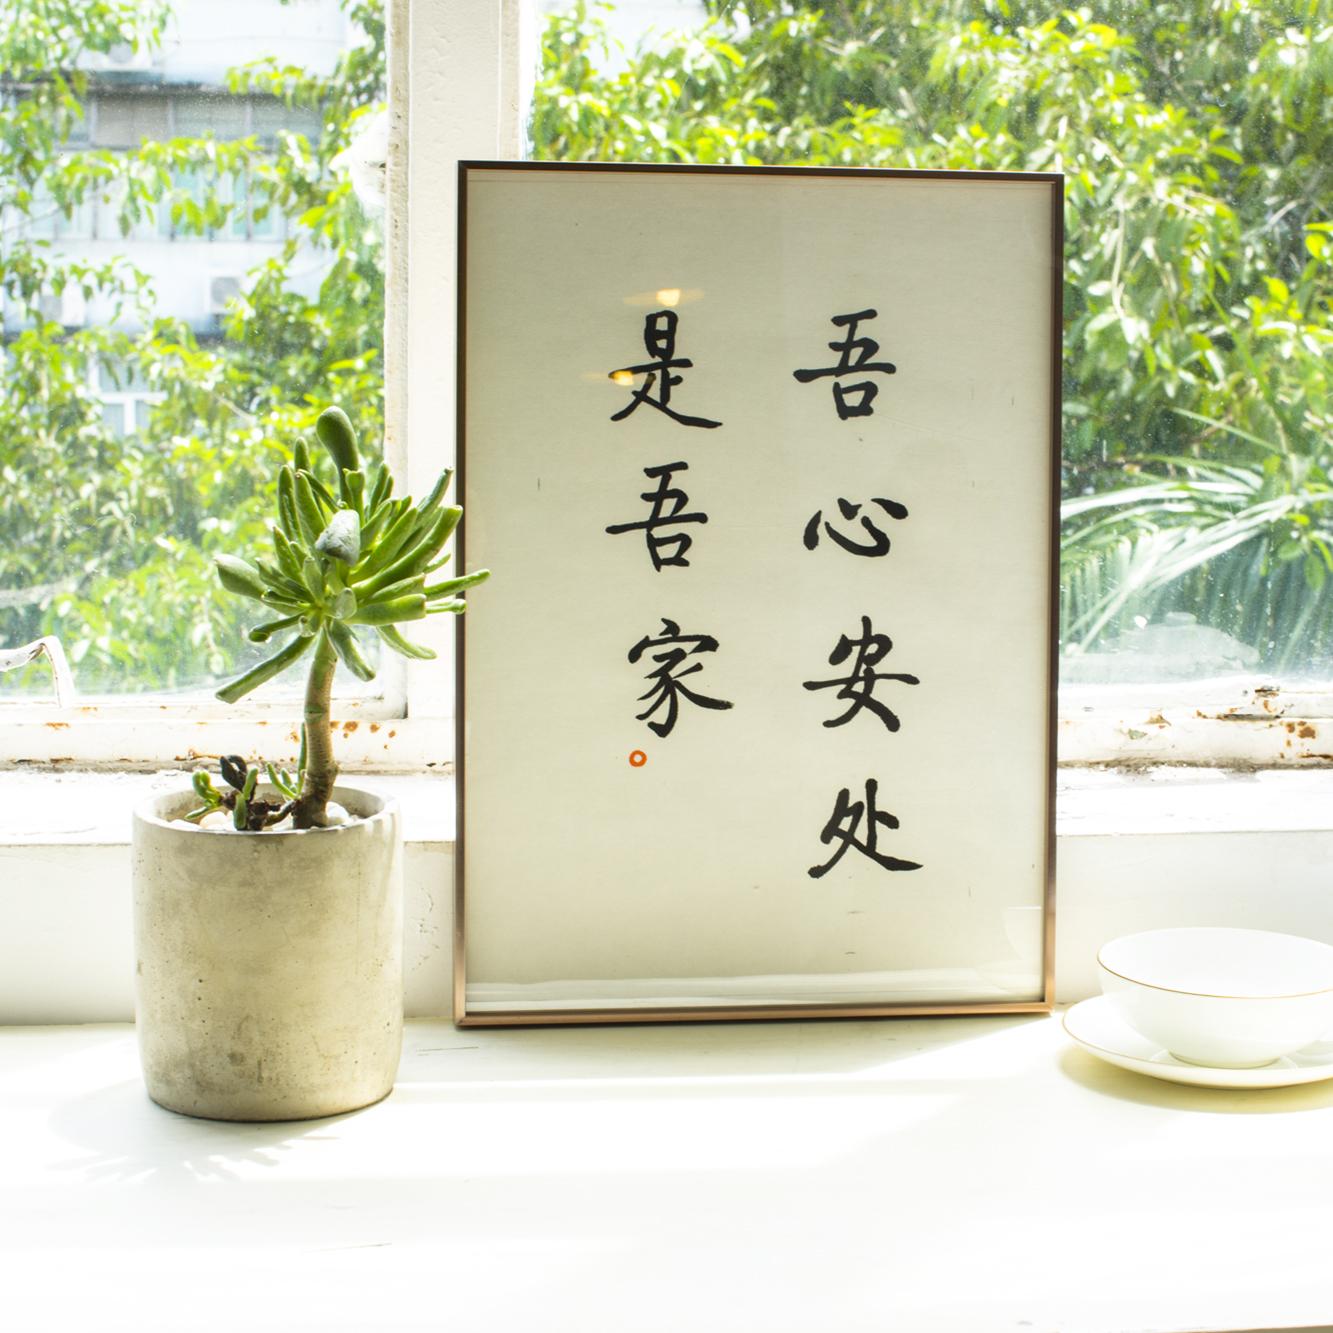 手寫中式書法吾心安處是吾家日式客廳裝飾畫臥室餐廳掛畫玄關壁畫